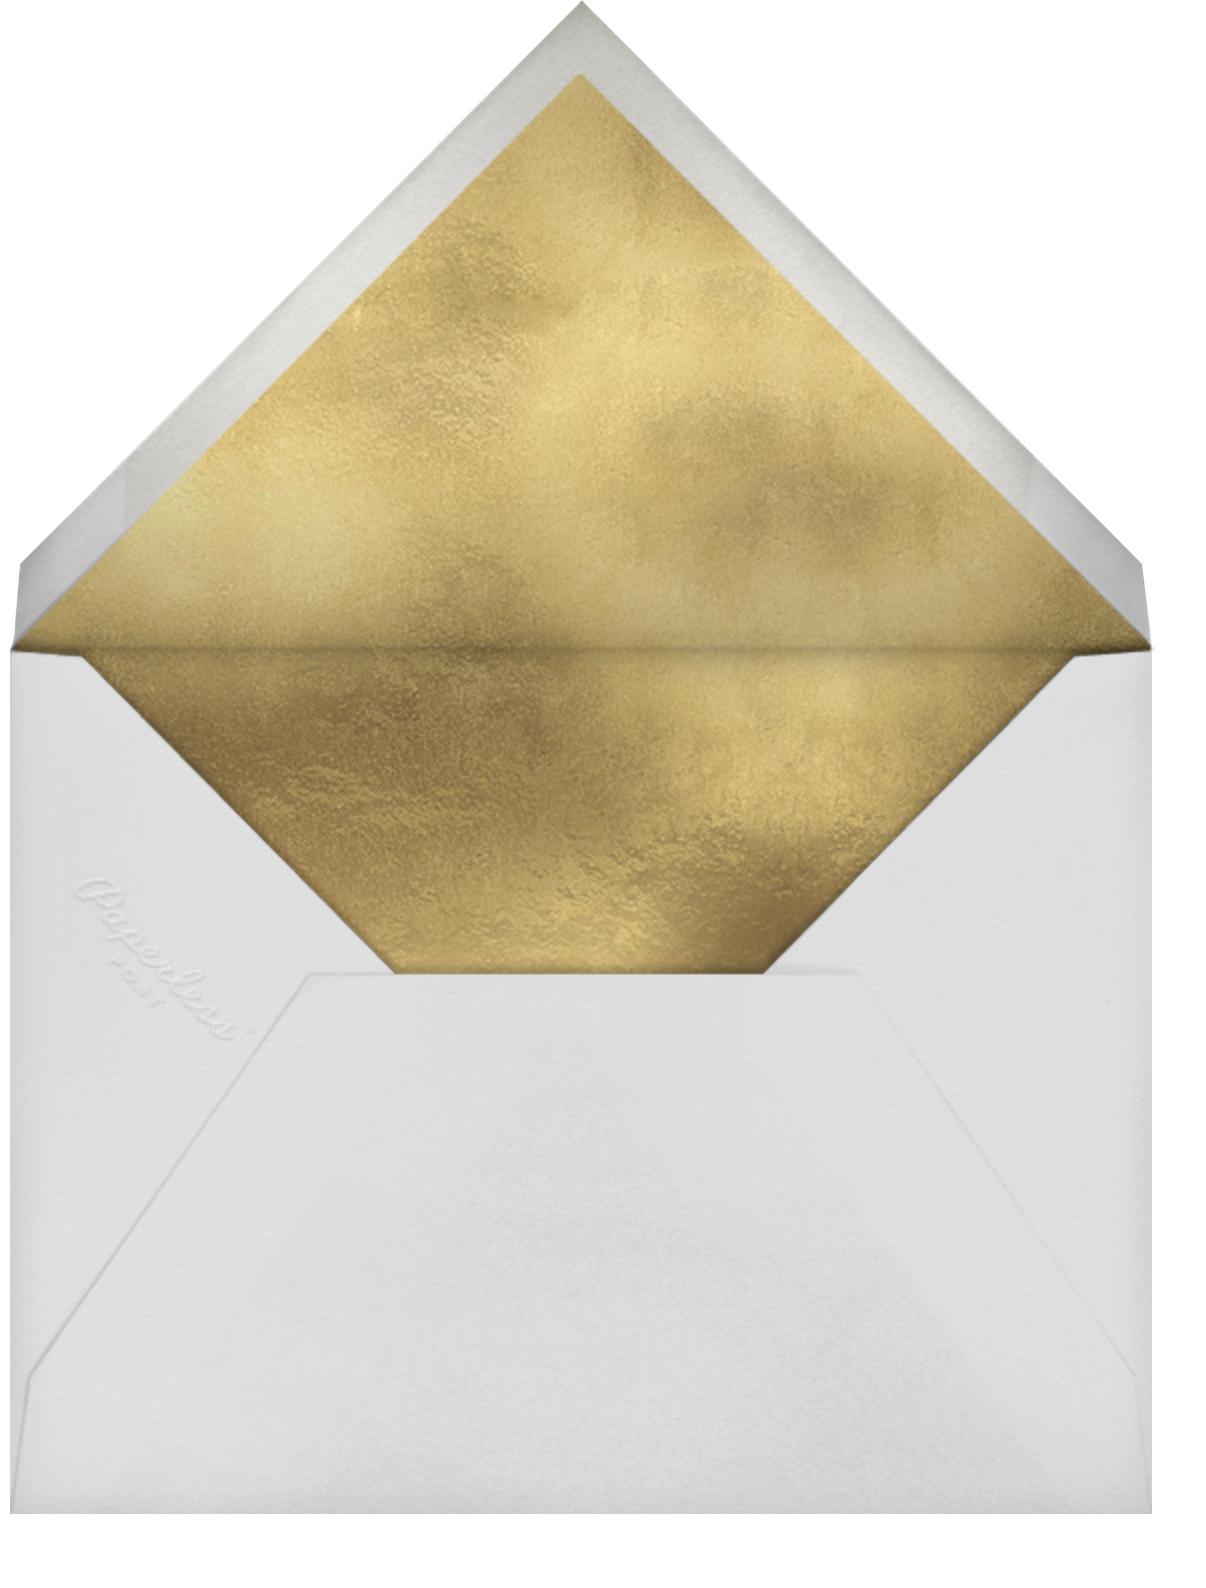 Striped Tulips - Black - Oscar de la Renta - Bridal shower - envelope back